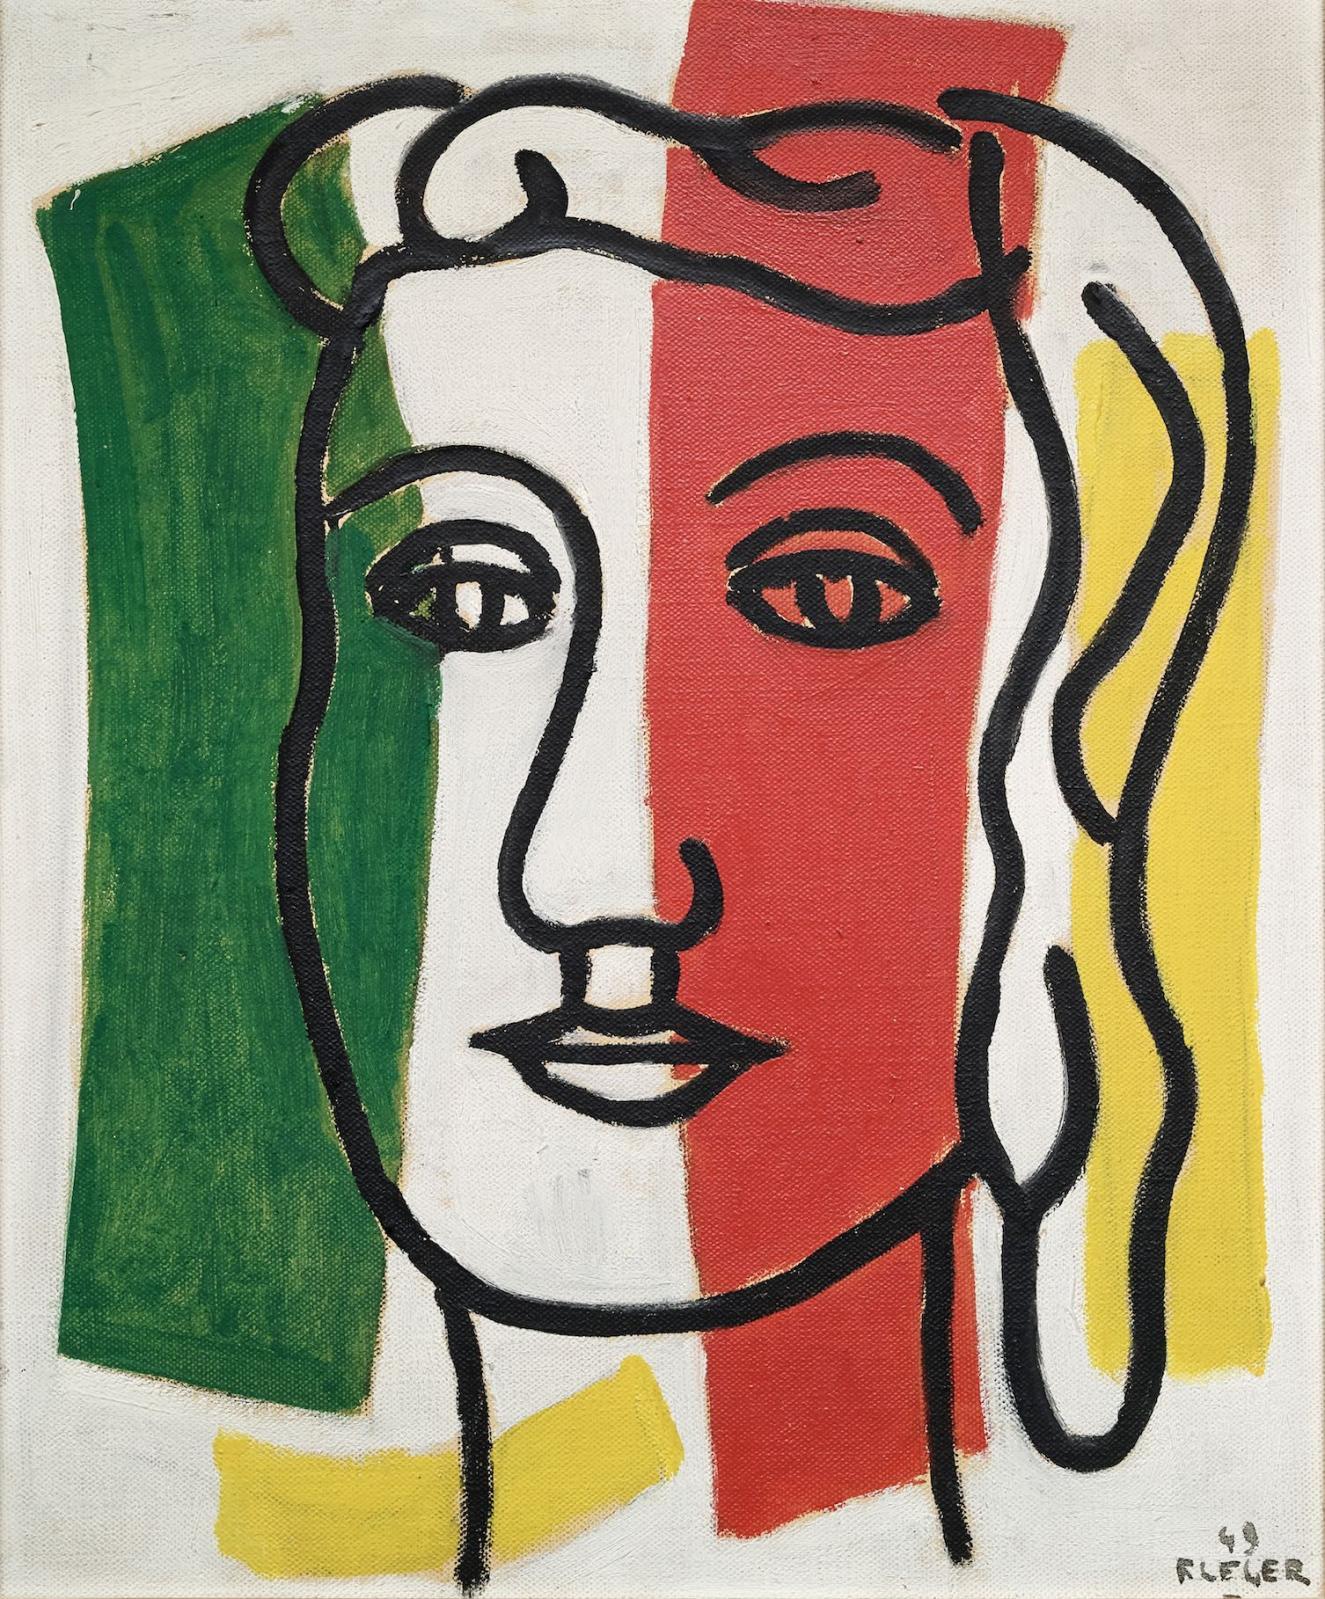 « Portrait de Marguerite Lesbats » 1949Huile sur toileSignée F. LÉGER et datée 49 en bas à droite46 x 38 cmVendu 332 800 €